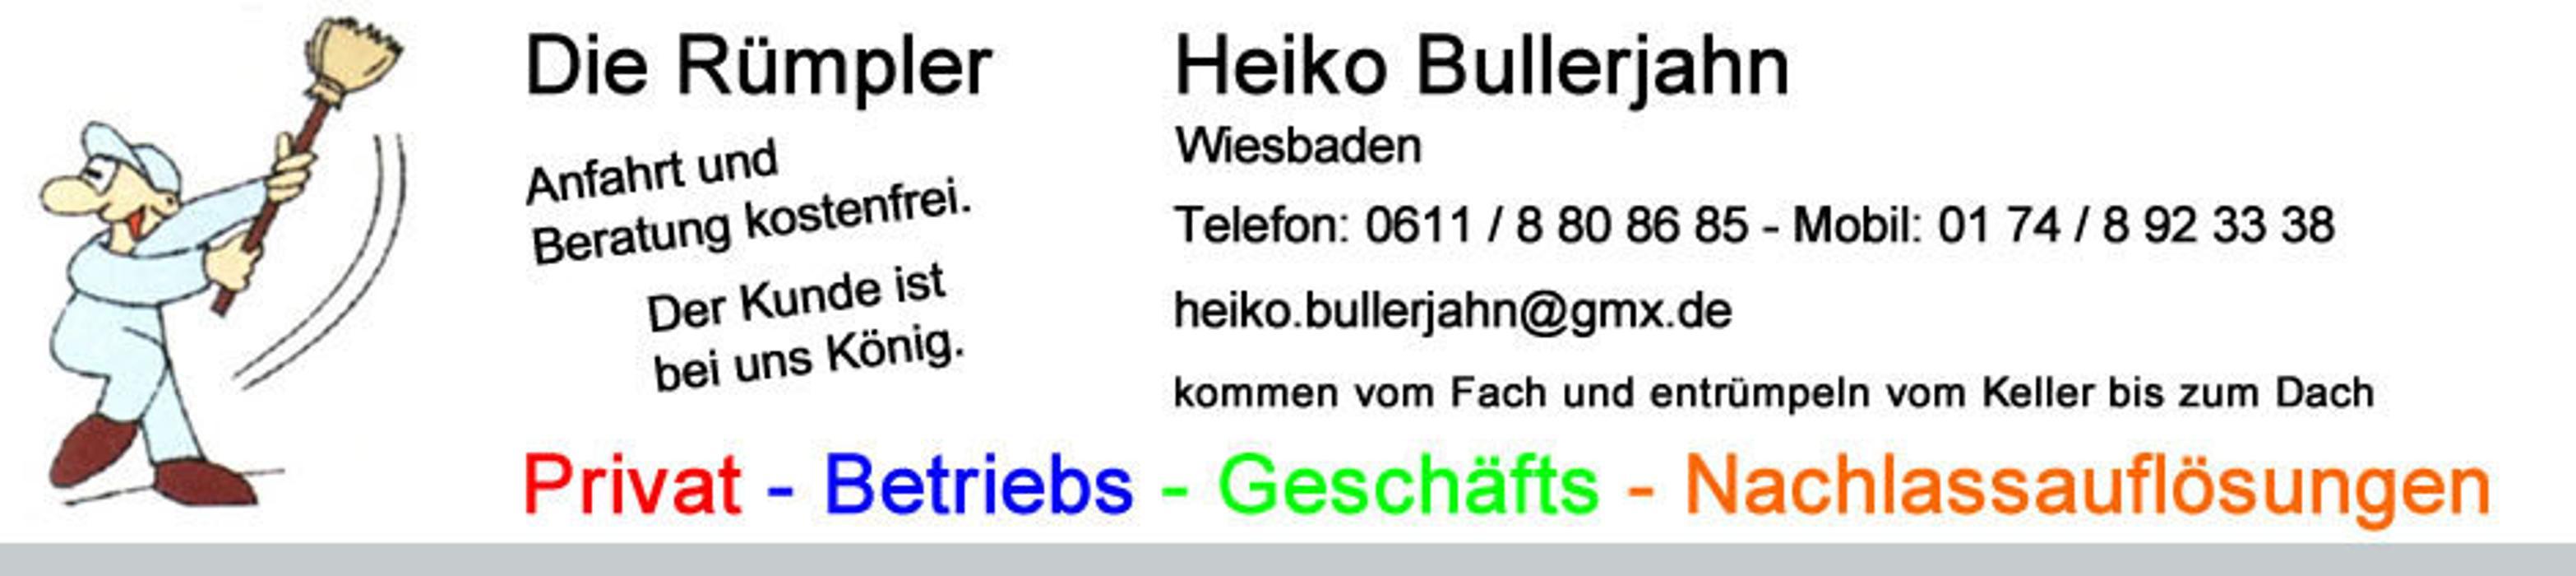 Bild zu Heiko Bullerjahn DIe Rümpler GbR in Wiesbaden